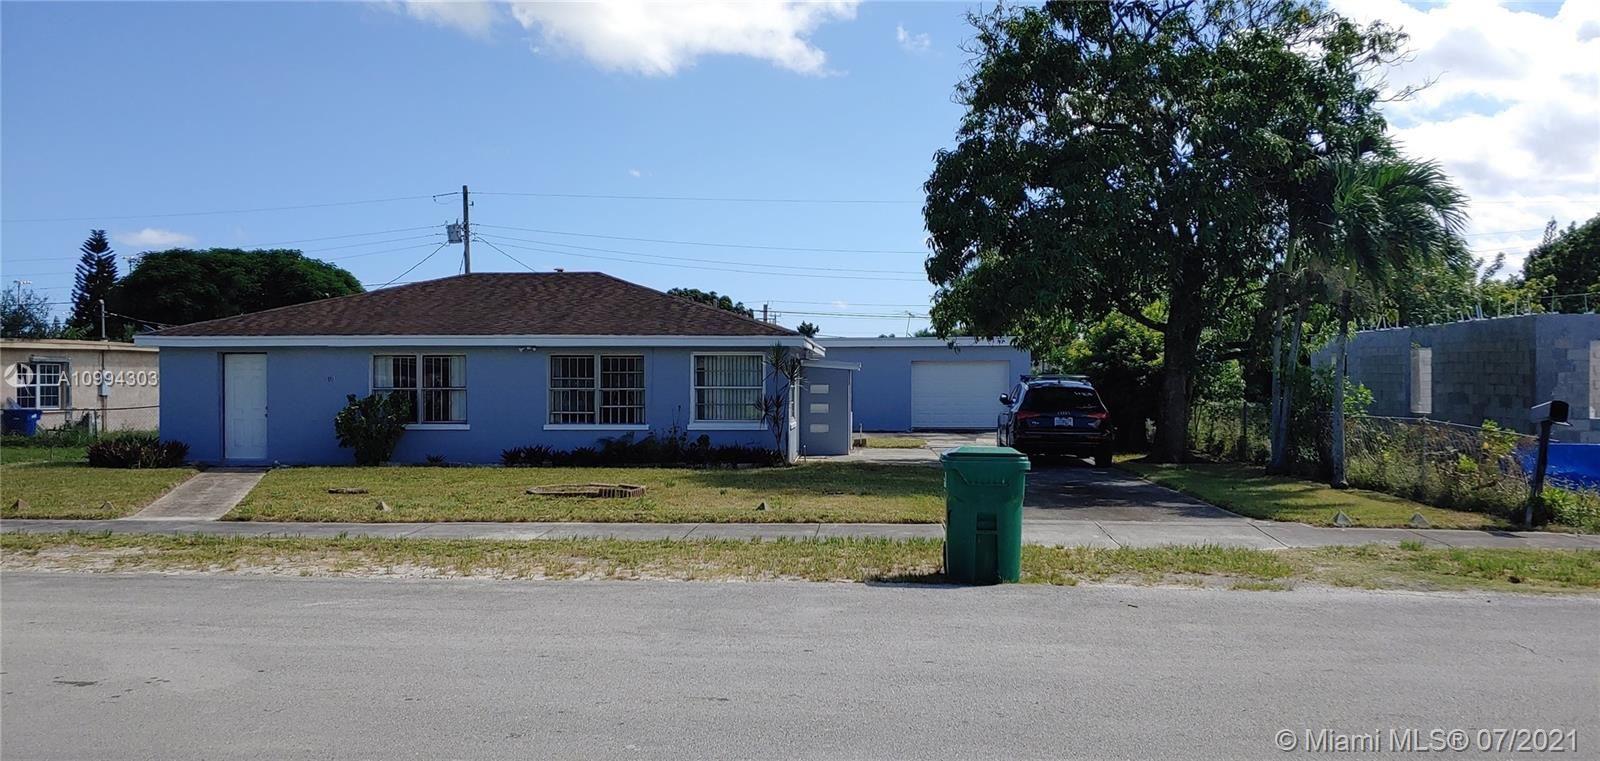 910 NW 138th St, Miami, FL 33168 - #: A10994303